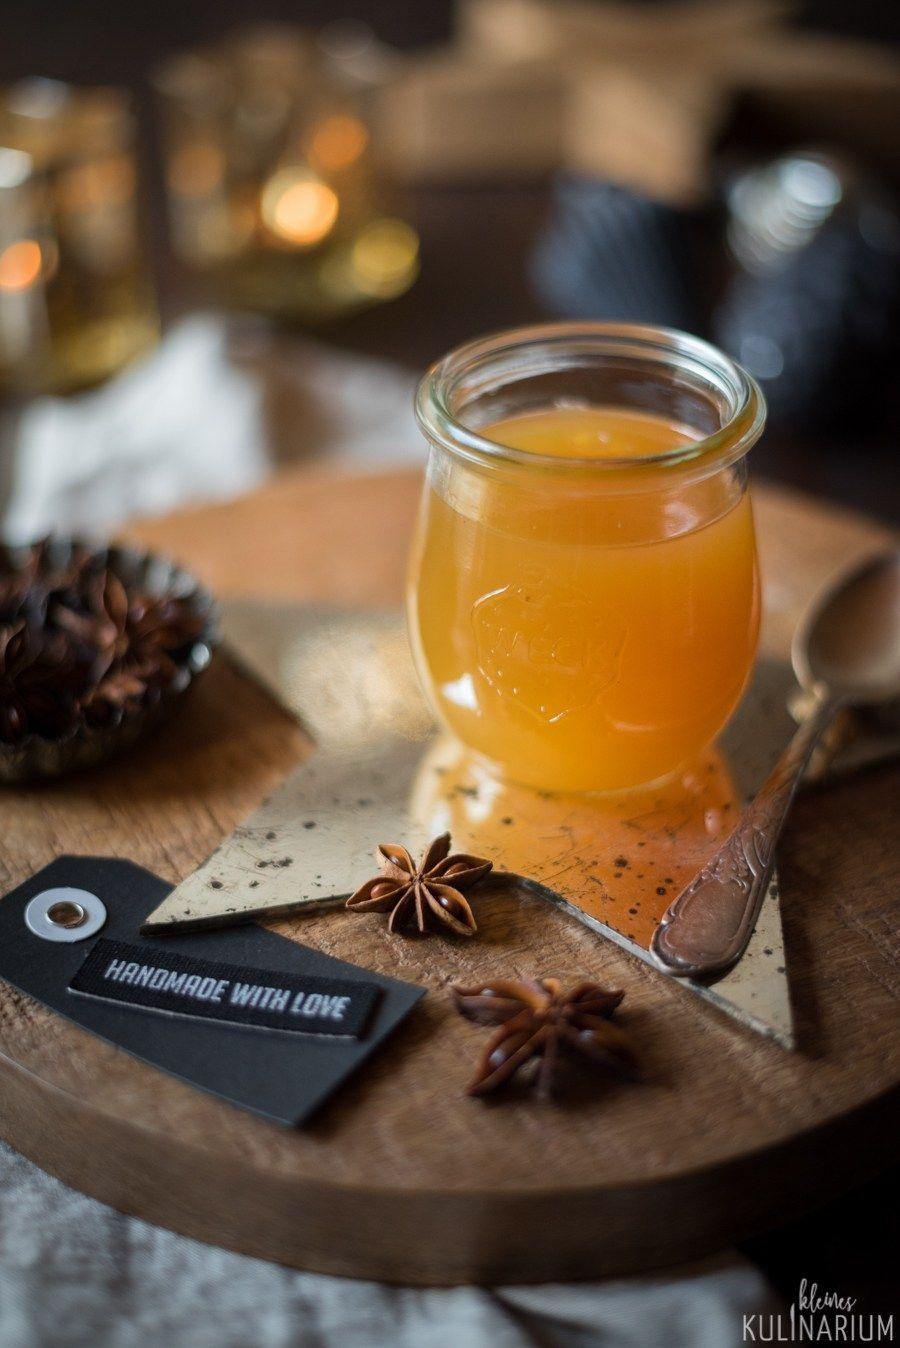 Punschgelee Geschenk Aus Der Kuche Kleines Kulinarium Rezept Geschenke Aus Der Kuche Gelee Weihnachtsgeschenke Aus Der Kuche